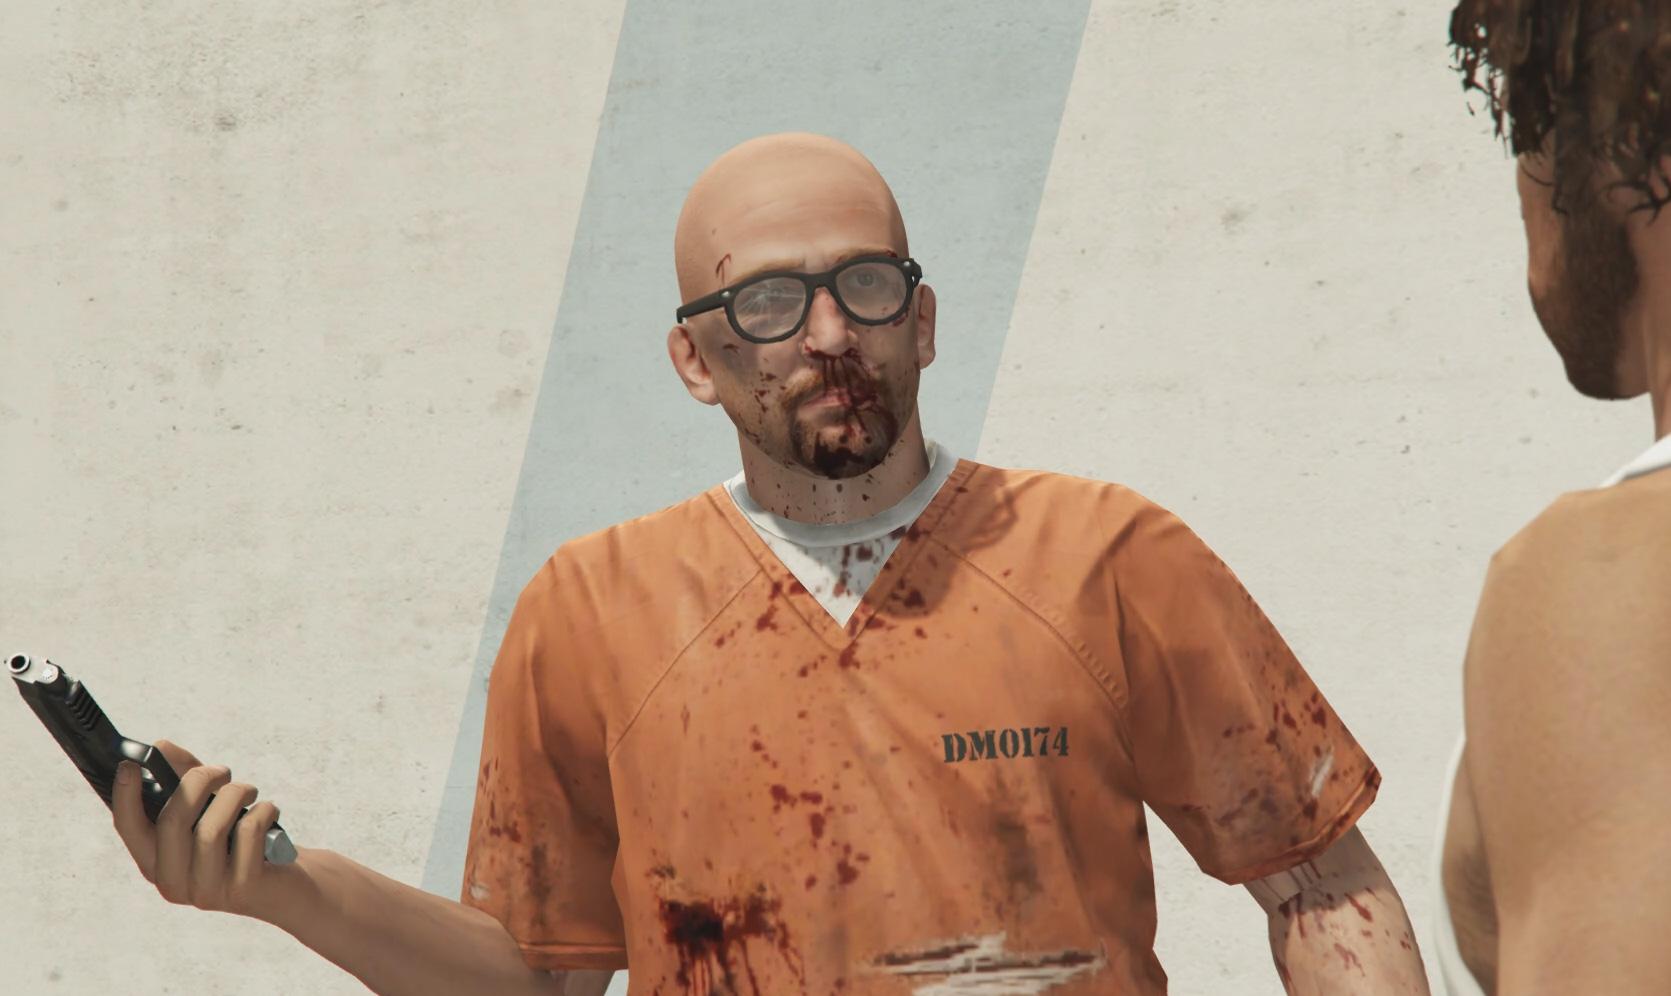 Gta 5 Online Prison Break Heist Guide